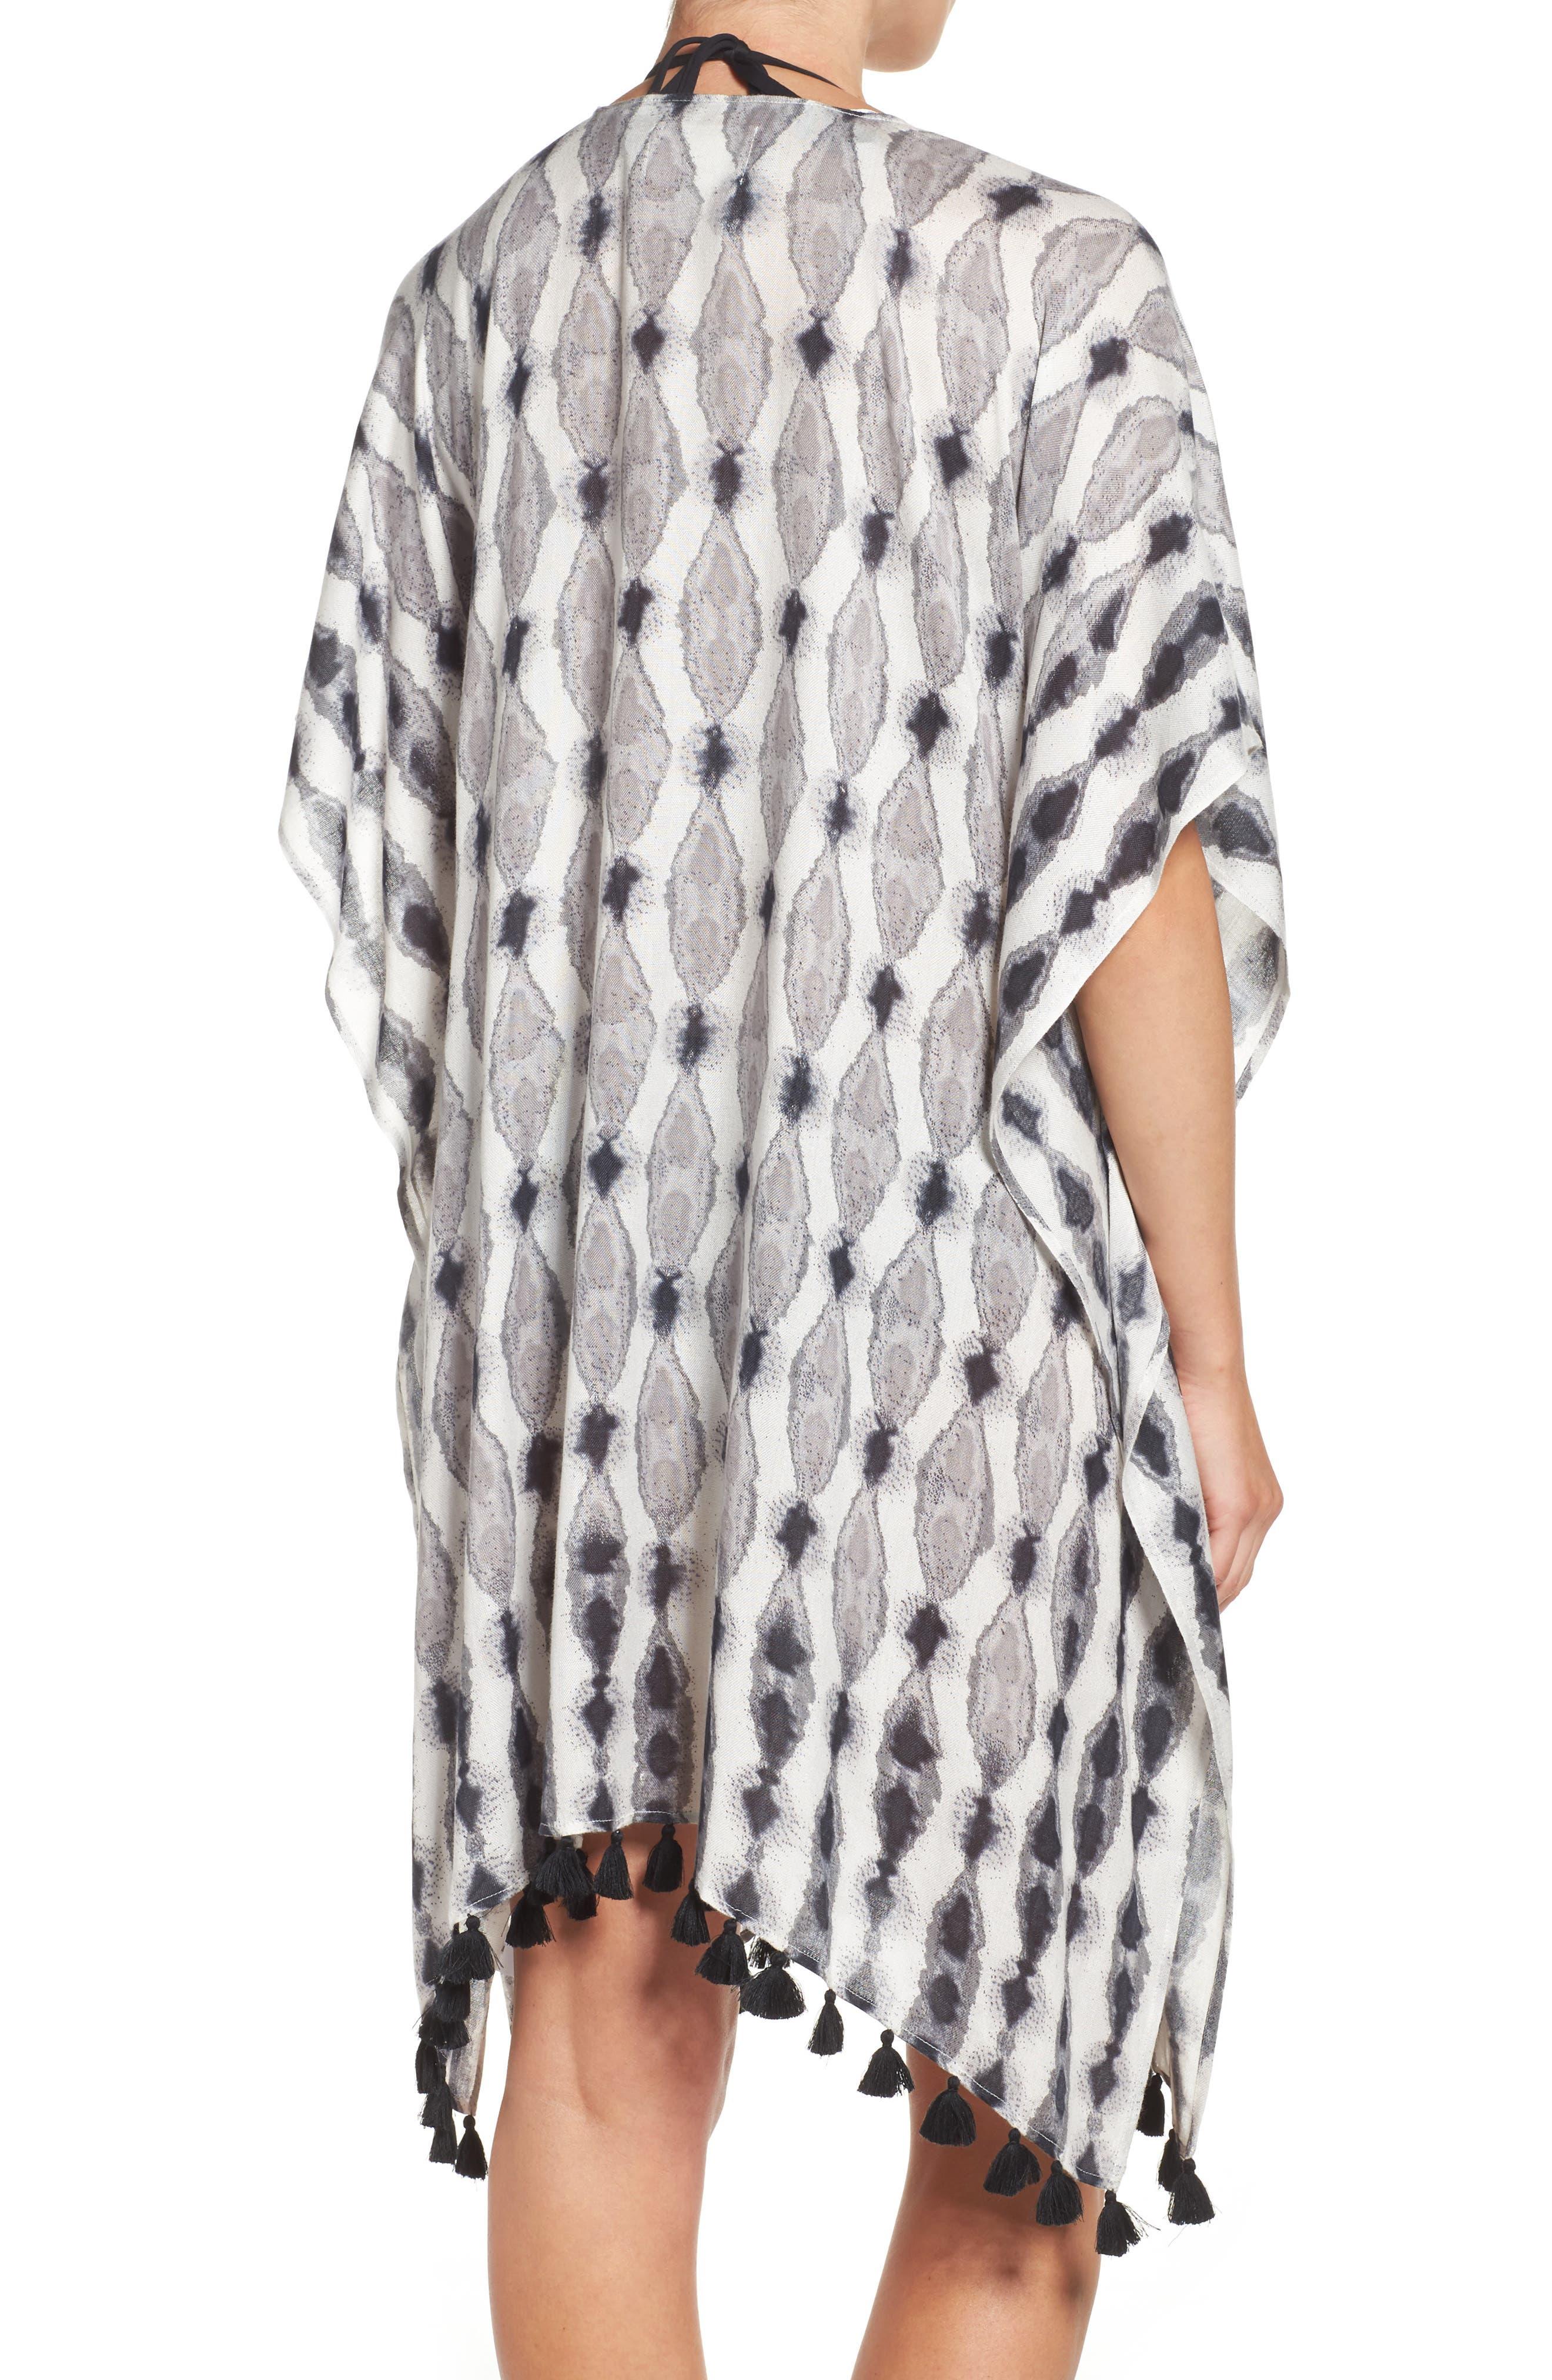 Caslon<sup>®</sup> Tie Dye Tassel Wrap,                             Alternate thumbnail 2, color,                             Black Combo